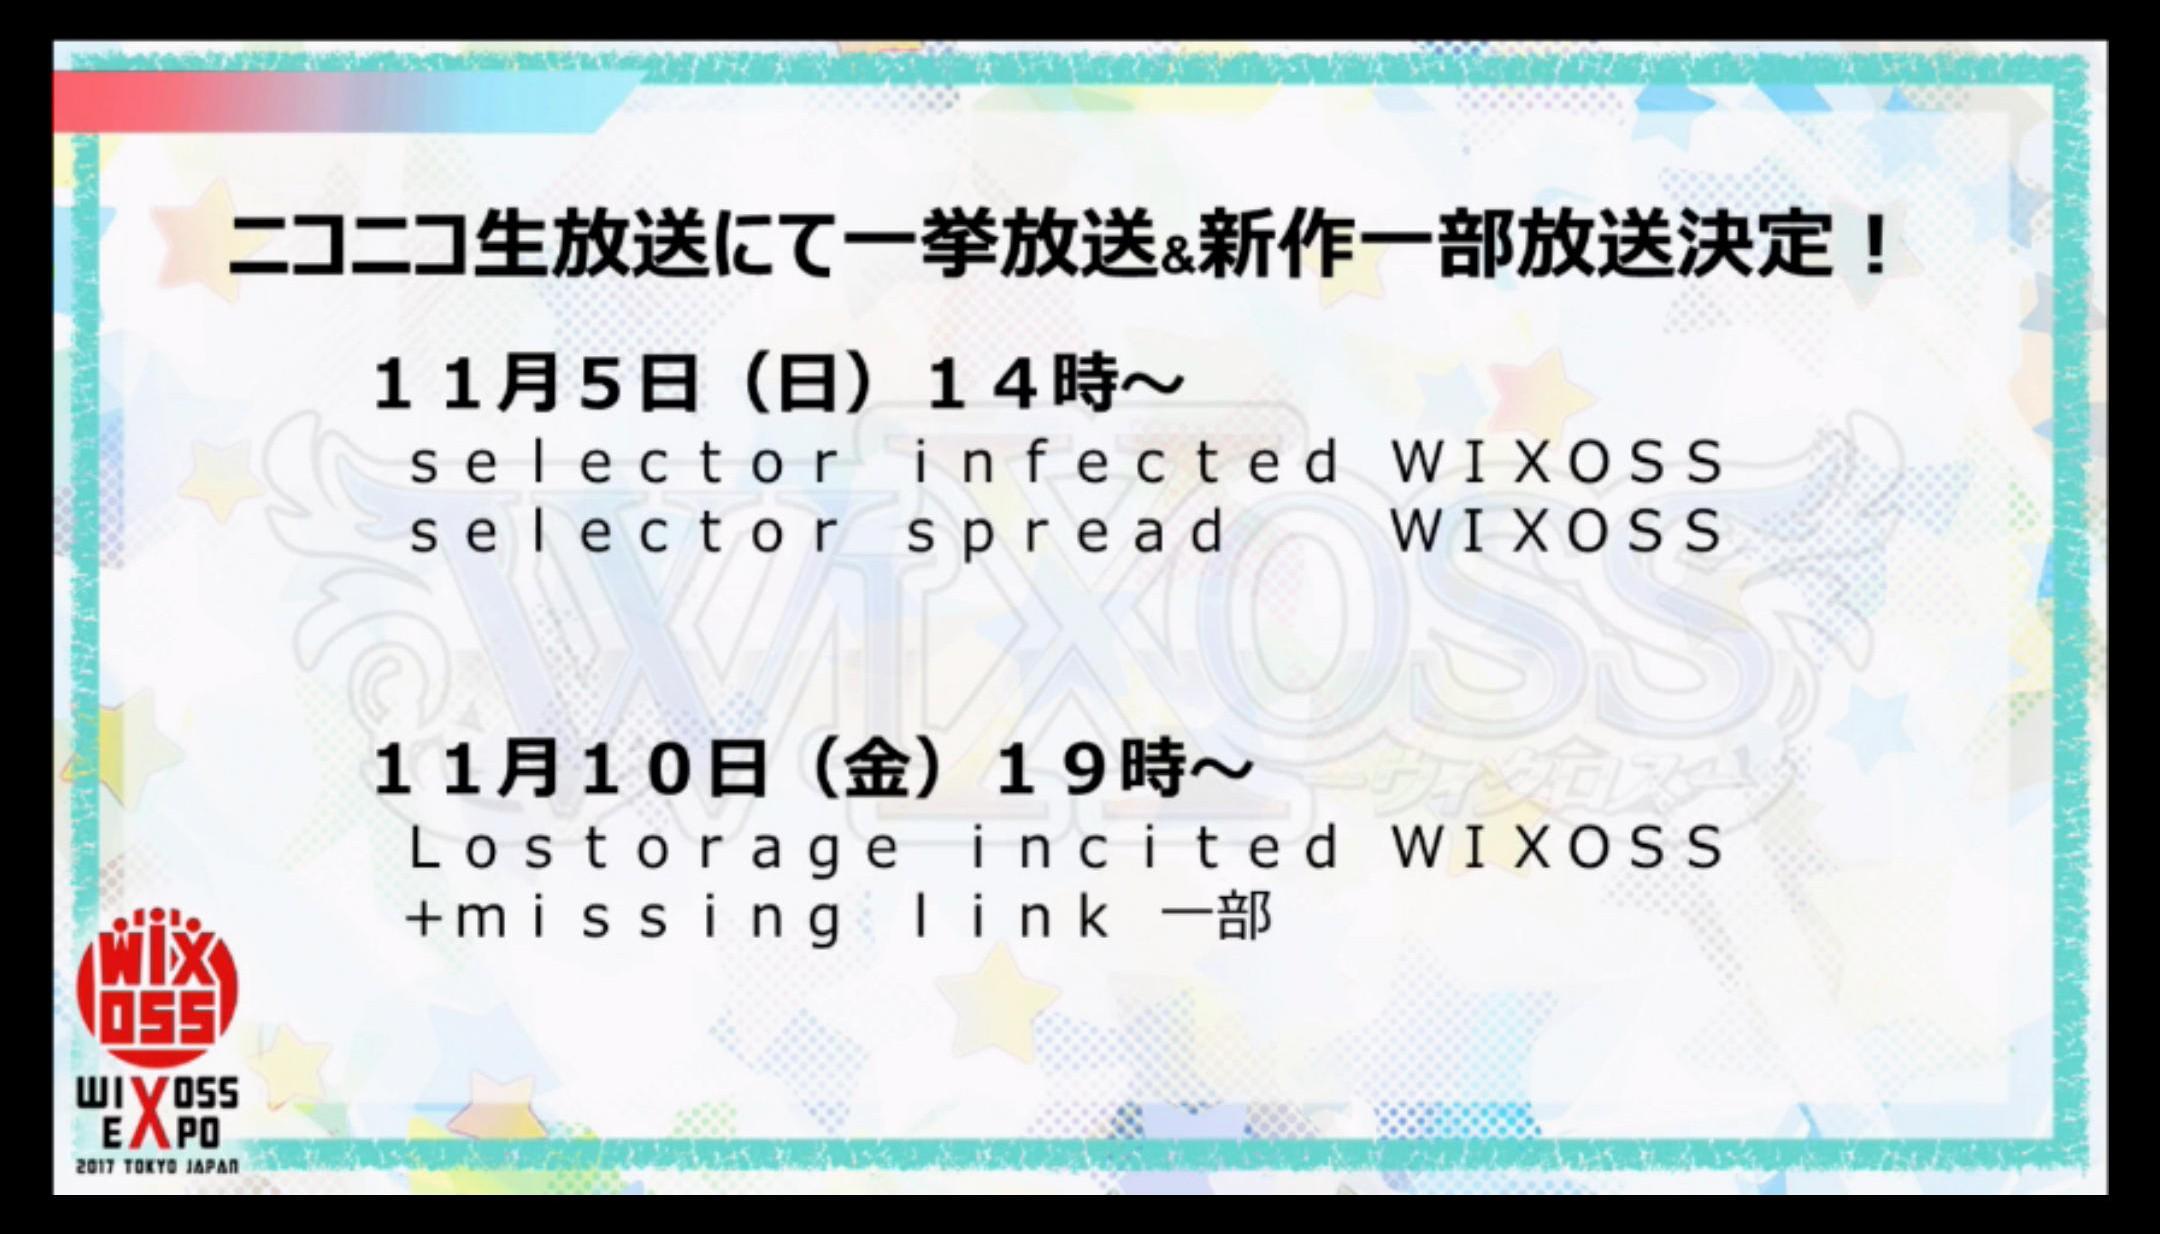 wx-live-170806-046.jpg